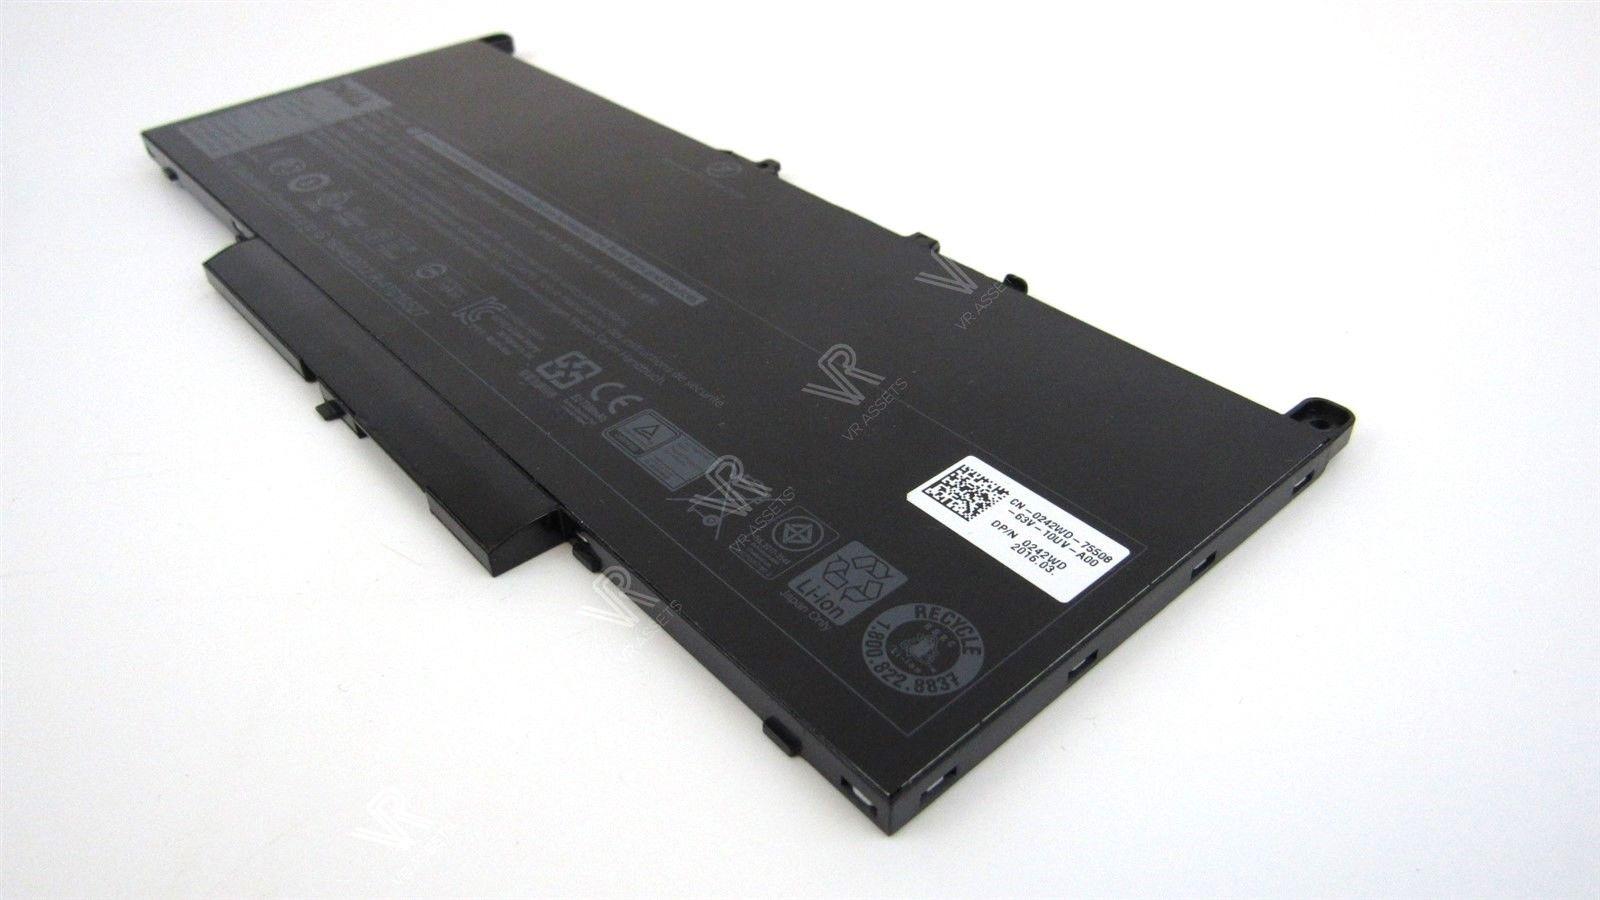 Genuine Dell Latitude E7270 E7470 Battery 7 6V 55Wh Type J60J5 242WD 0242WD